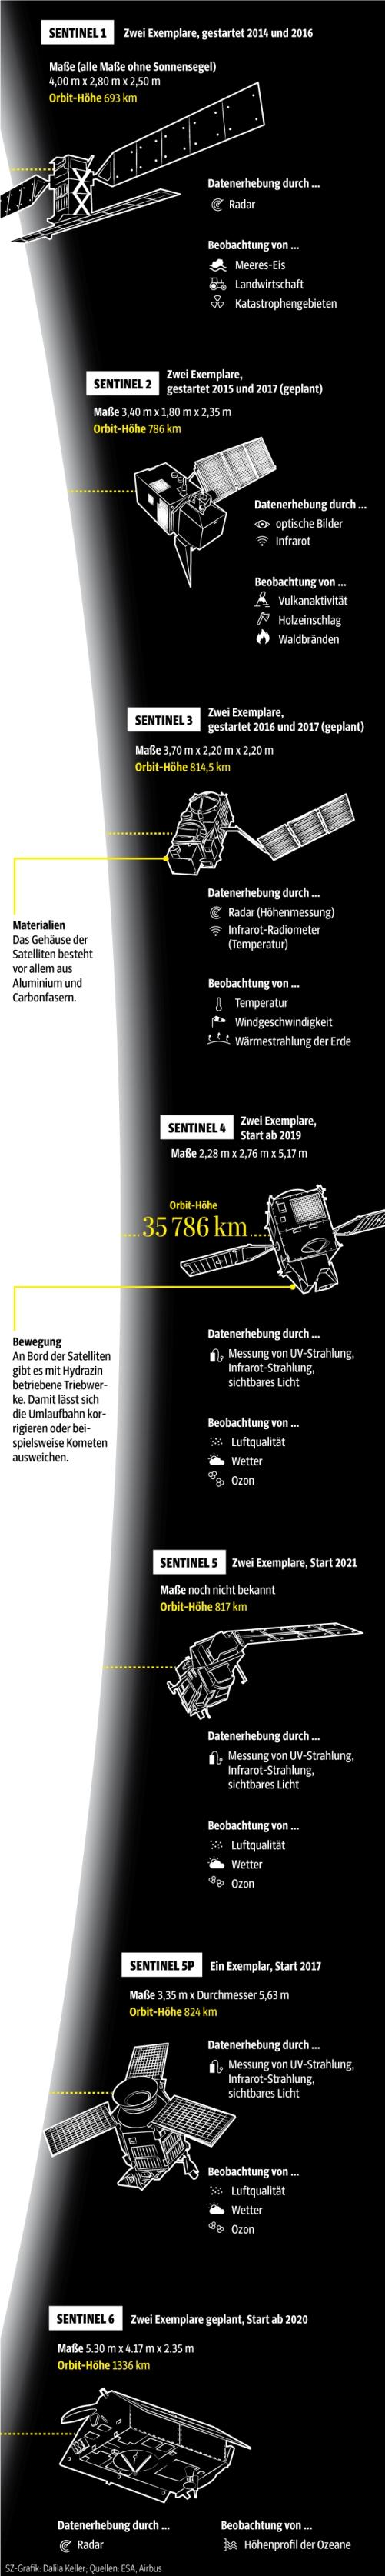 iPad-WS-Satelliten-Su#8601E0